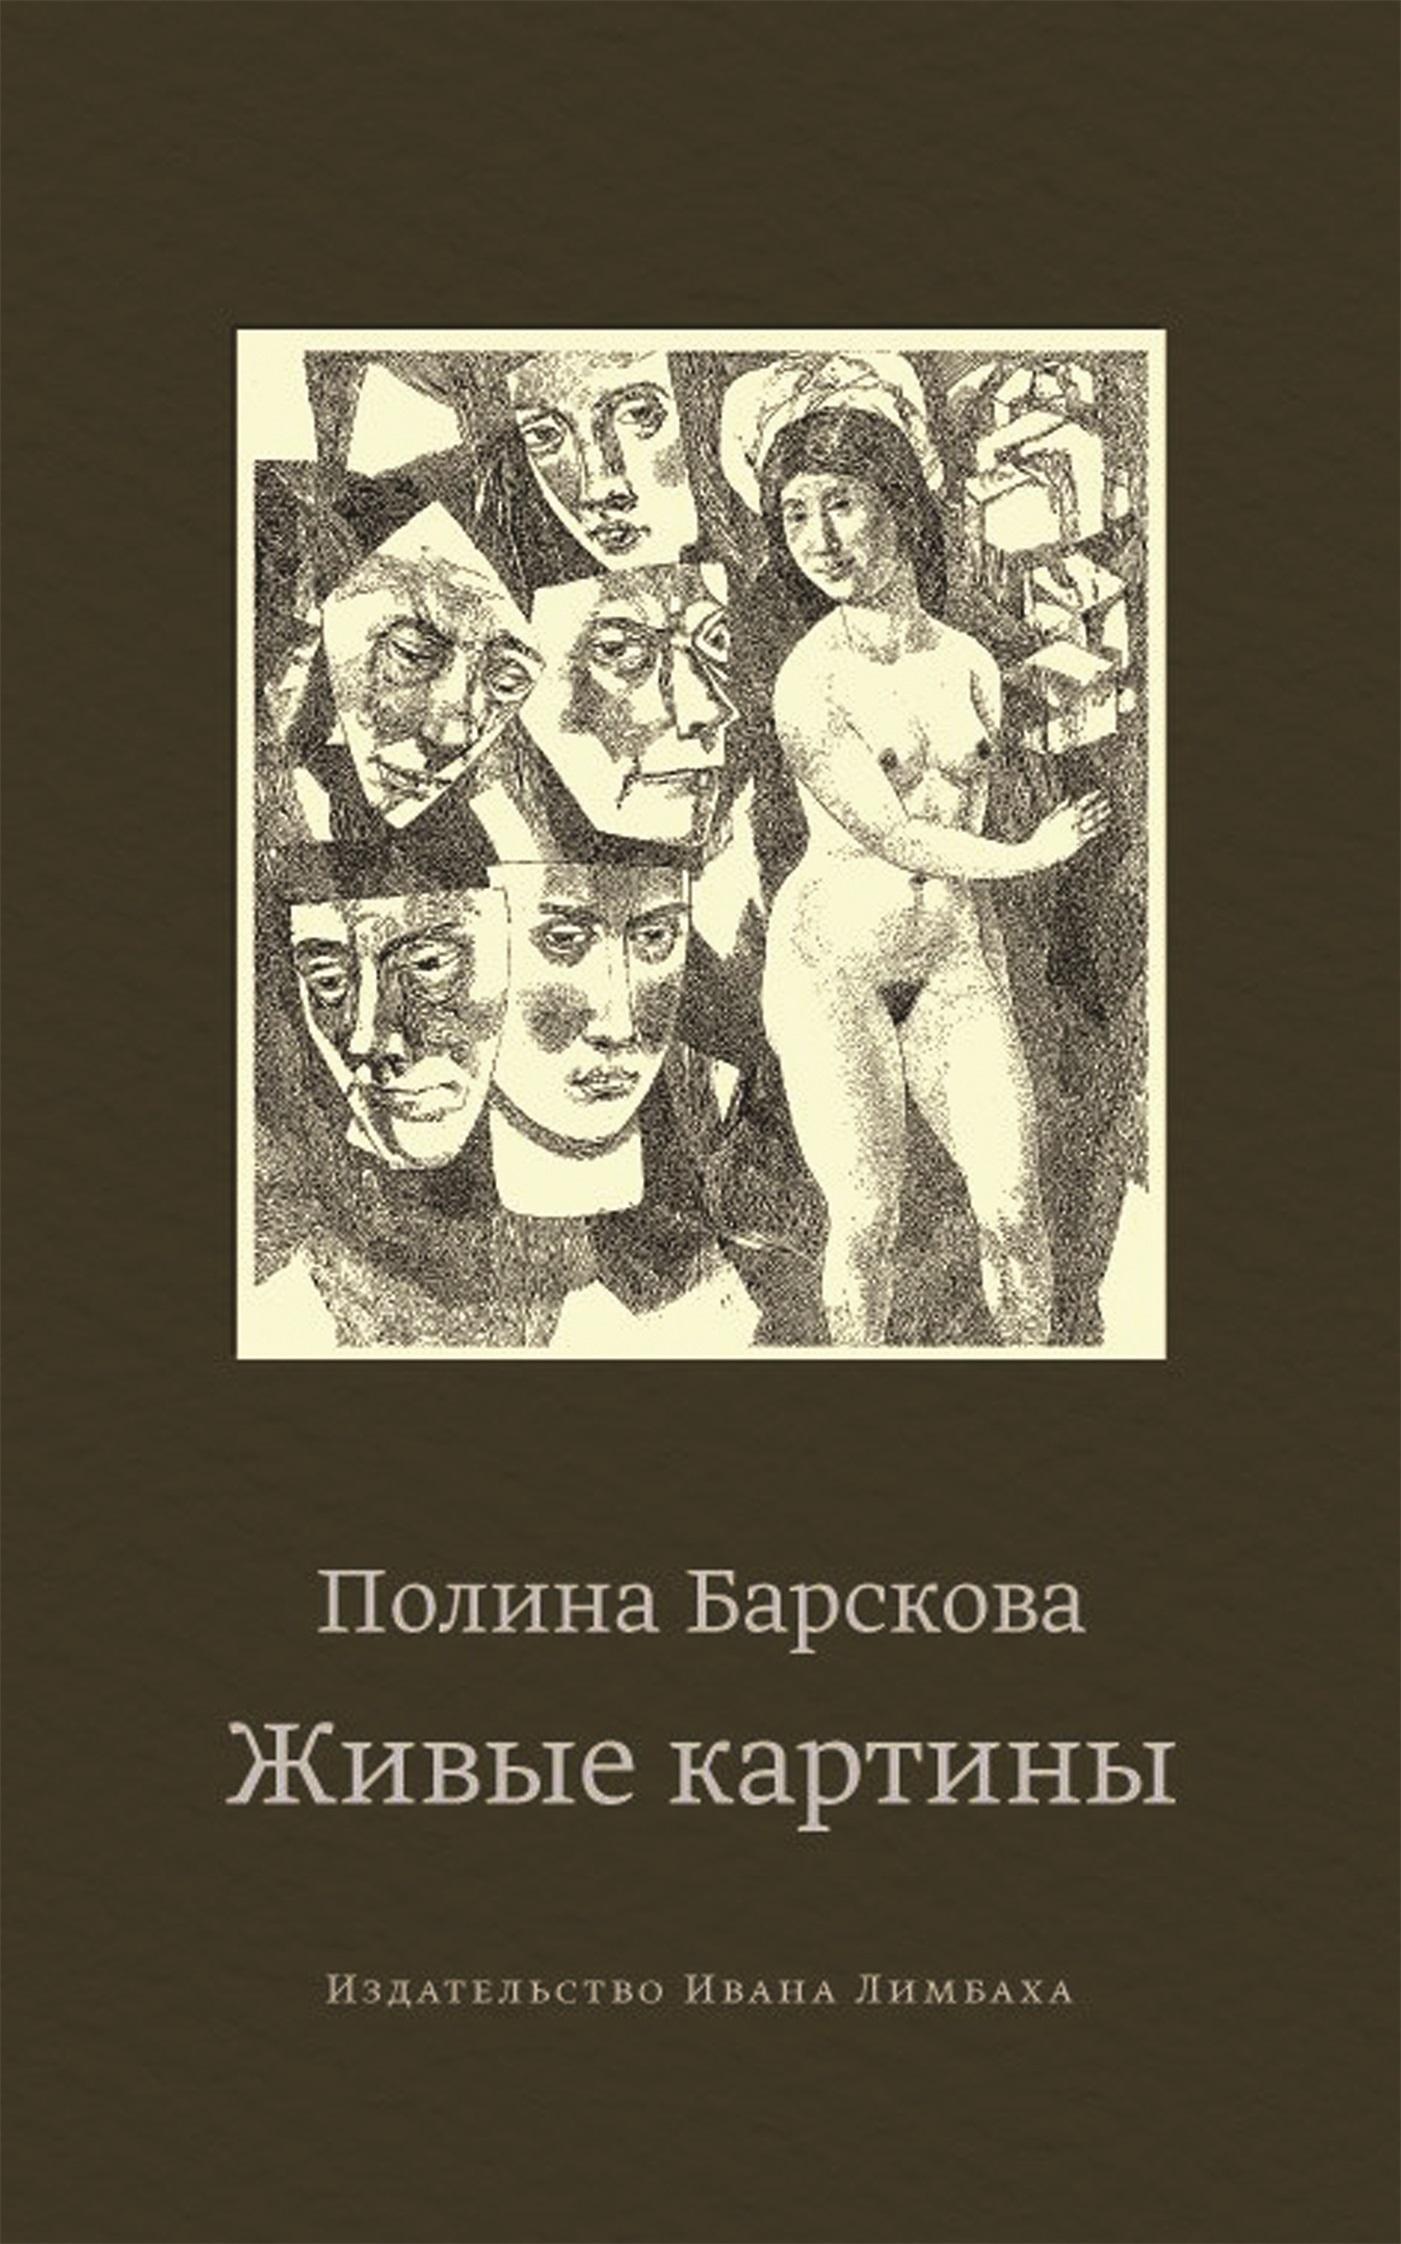 Живые картины (сборник). Полина Барскова